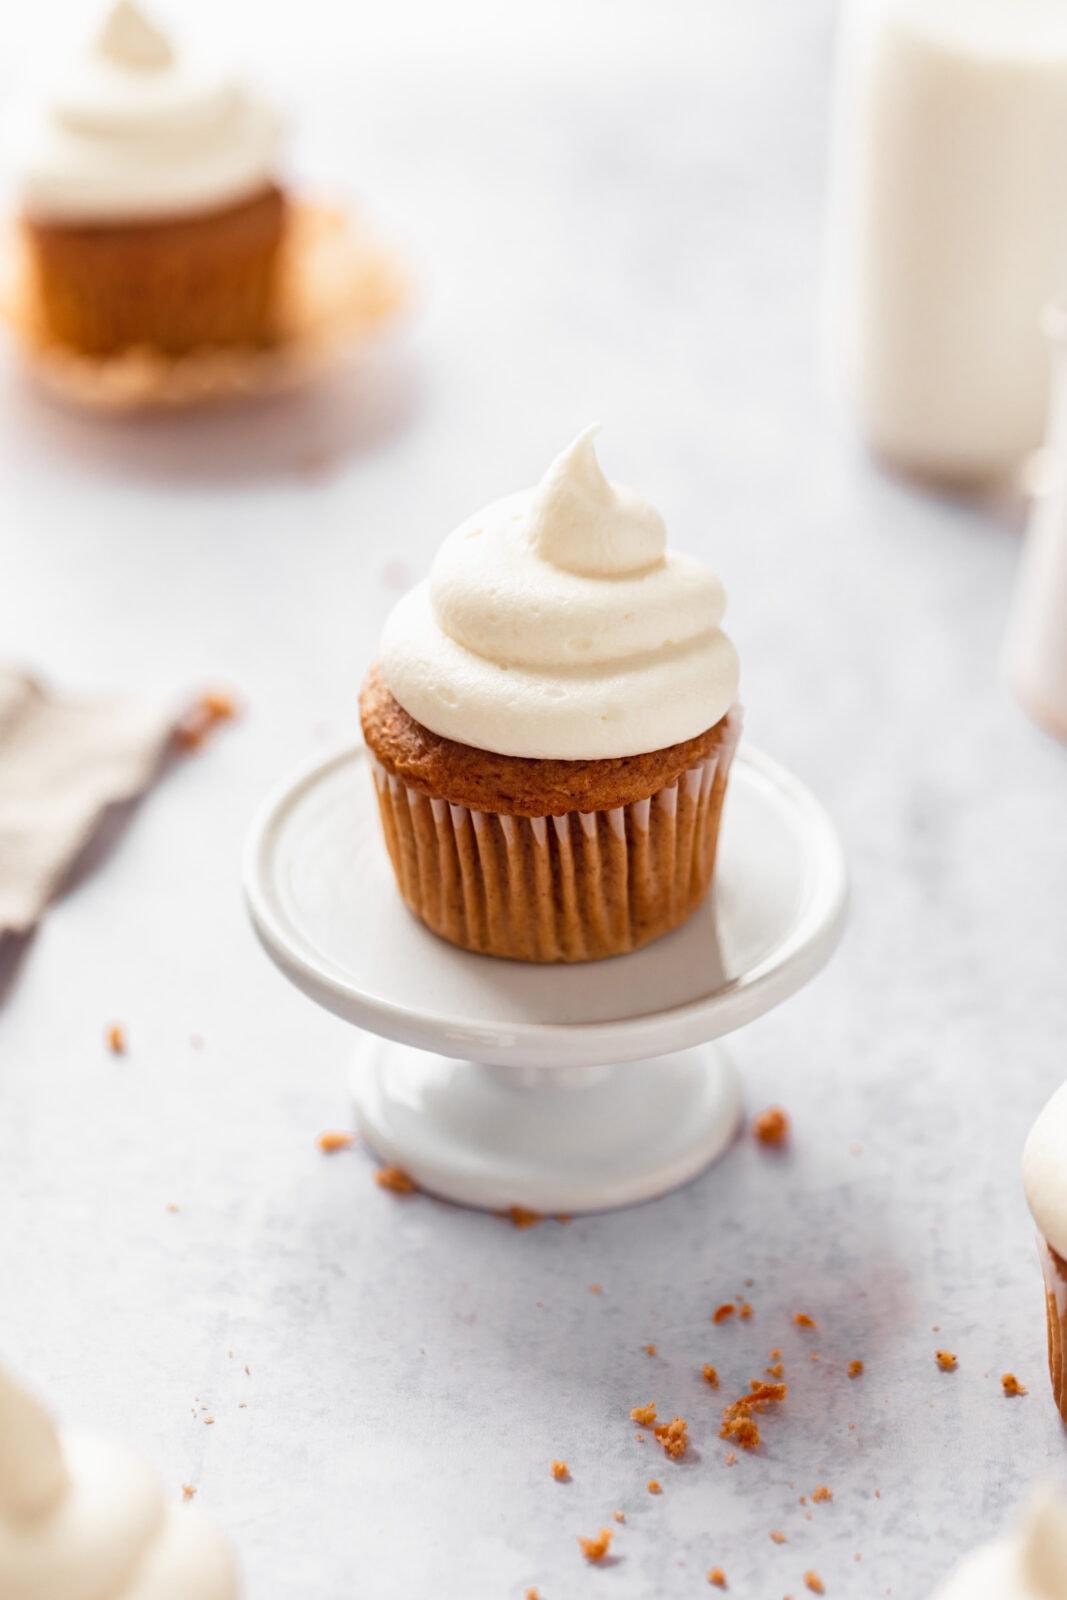 házi sárgarépa torta cupcake egy cupcake állványon